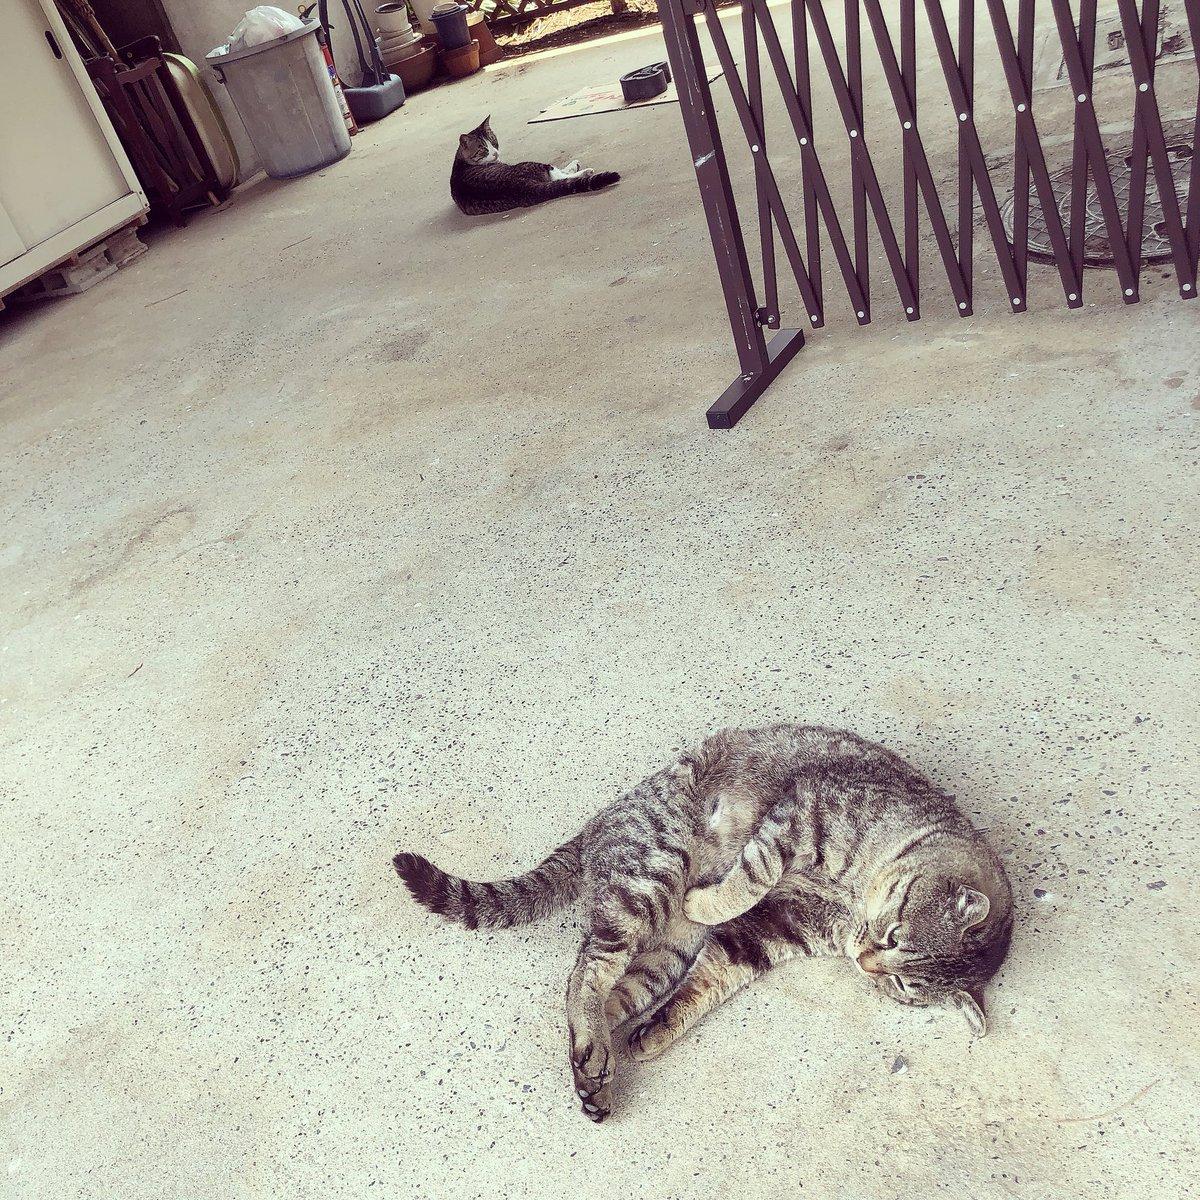 猫 画像 cat image 猫ちゃん?暑くてゴロン?  0